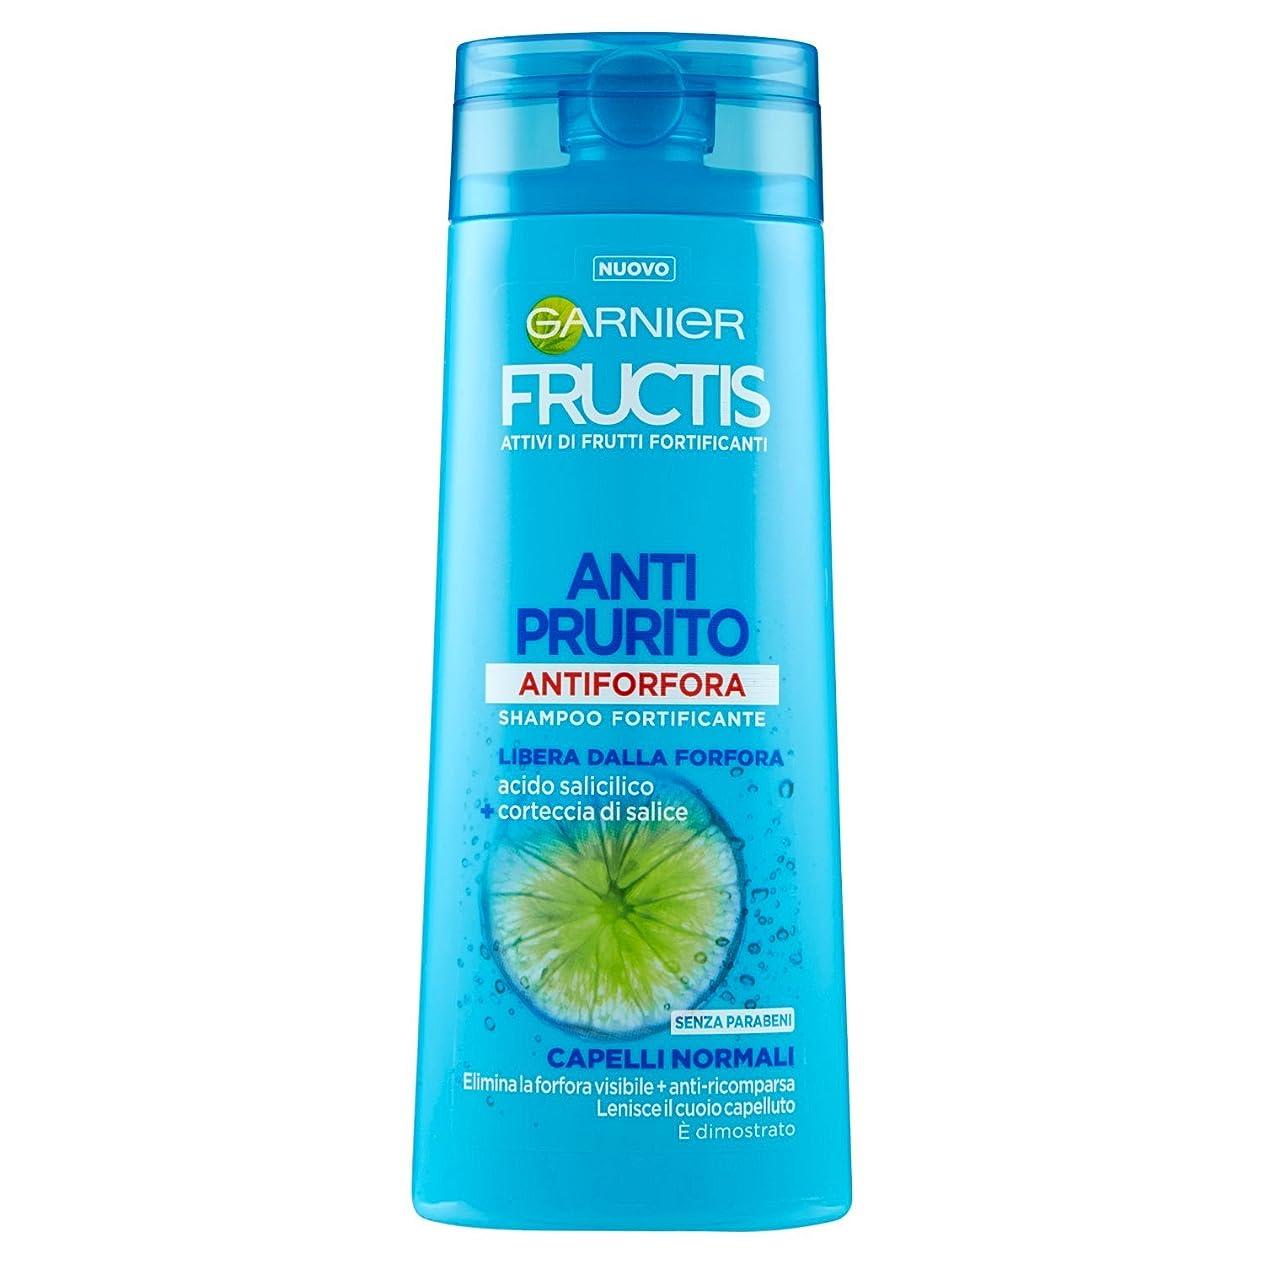 ガルニエFructis anti-prurito Antiforforaシャンプー(通常髪用)250 ml